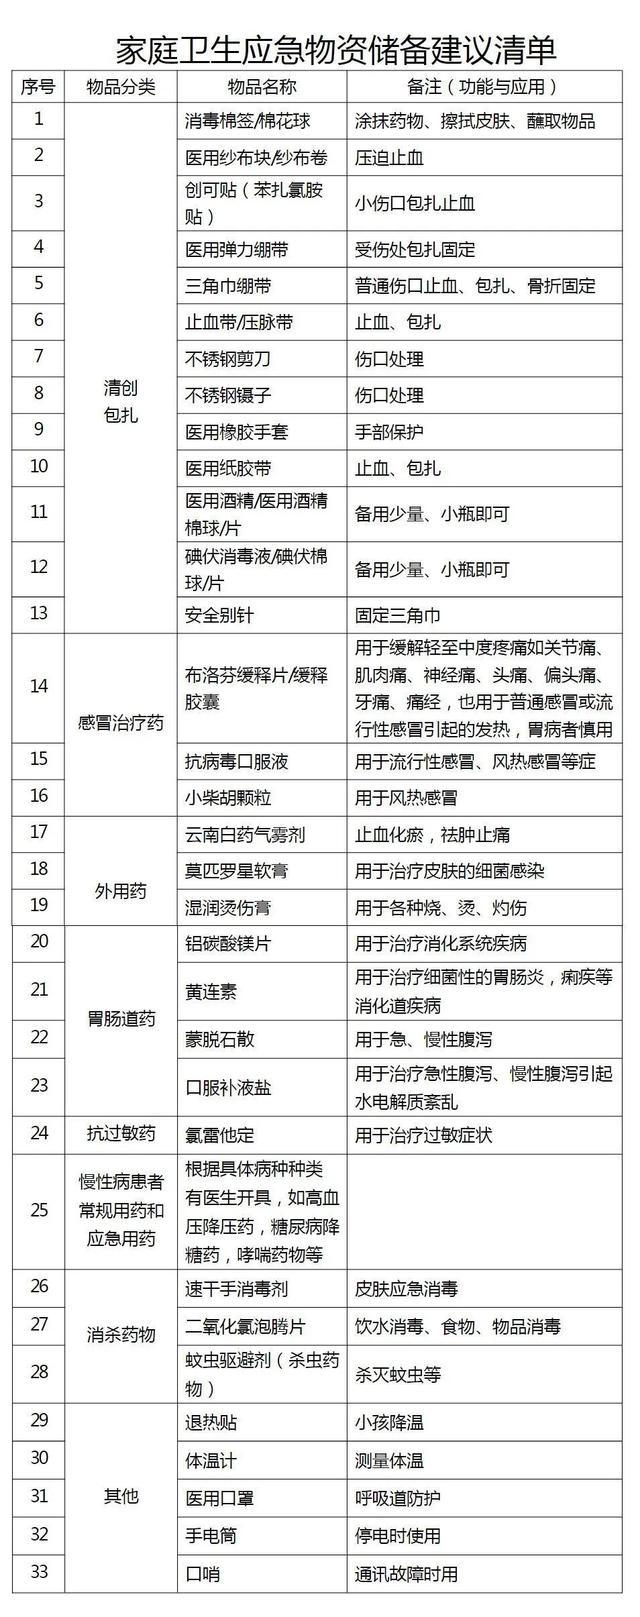 卫健委:家庭卫生应急物资储备建议清单全套定制购买地址